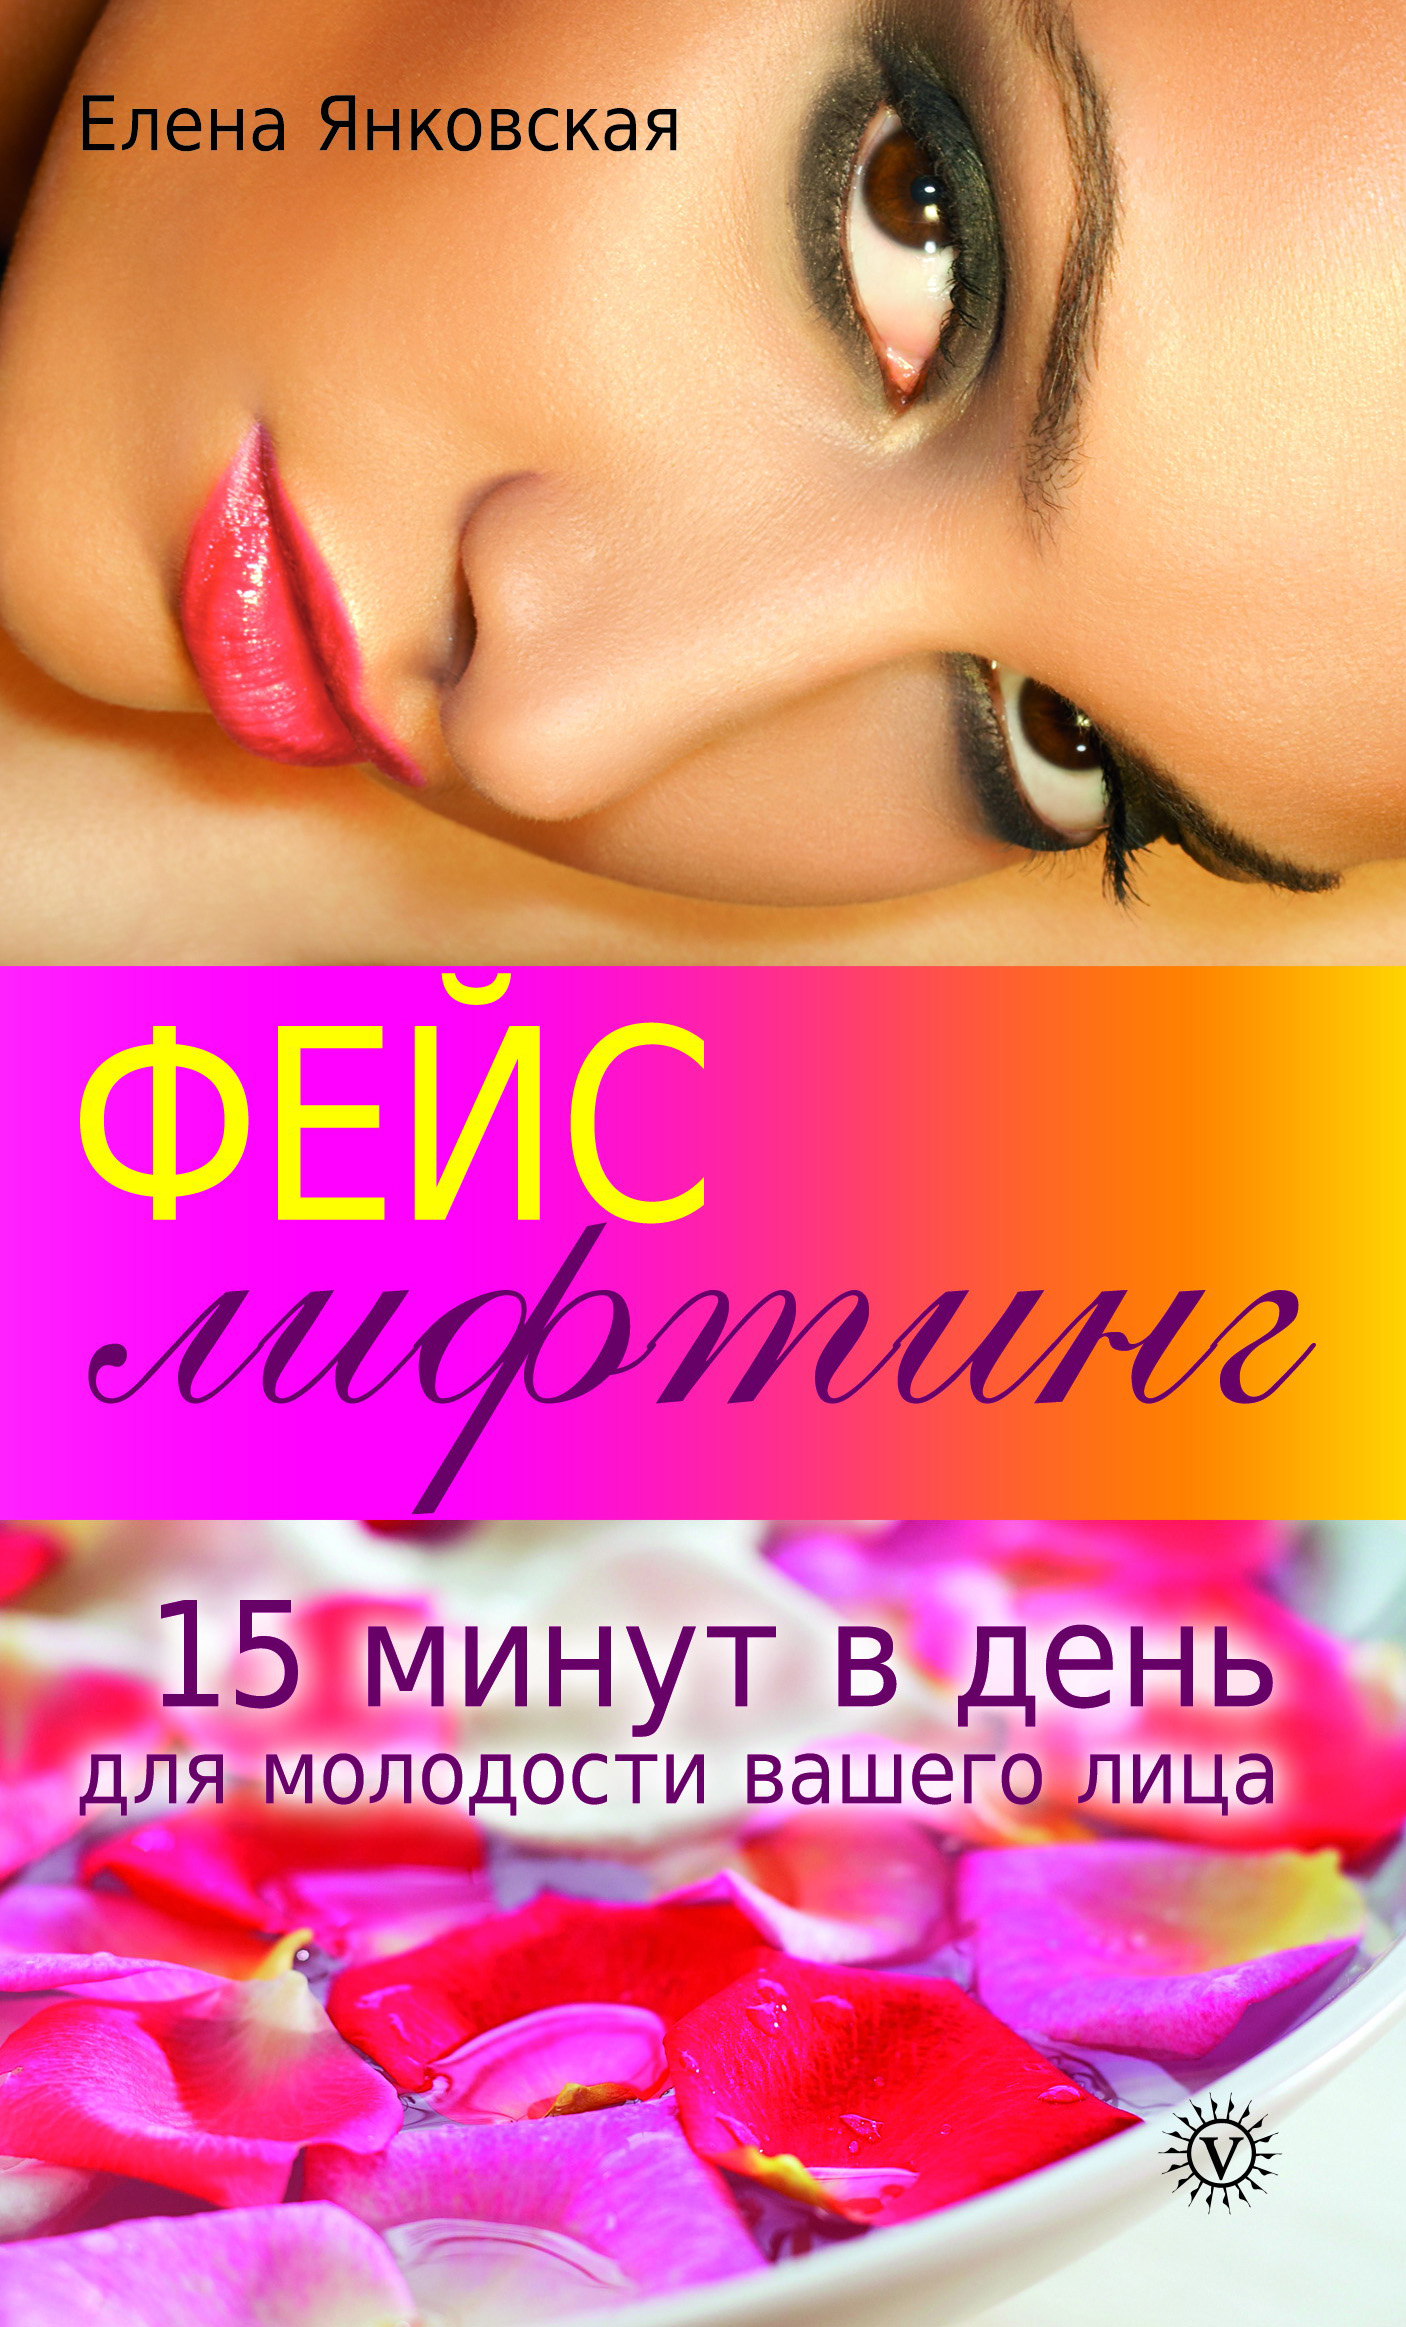 Елена Янковская «Фейслифтинг. 15 минут для молодости вашего лица»